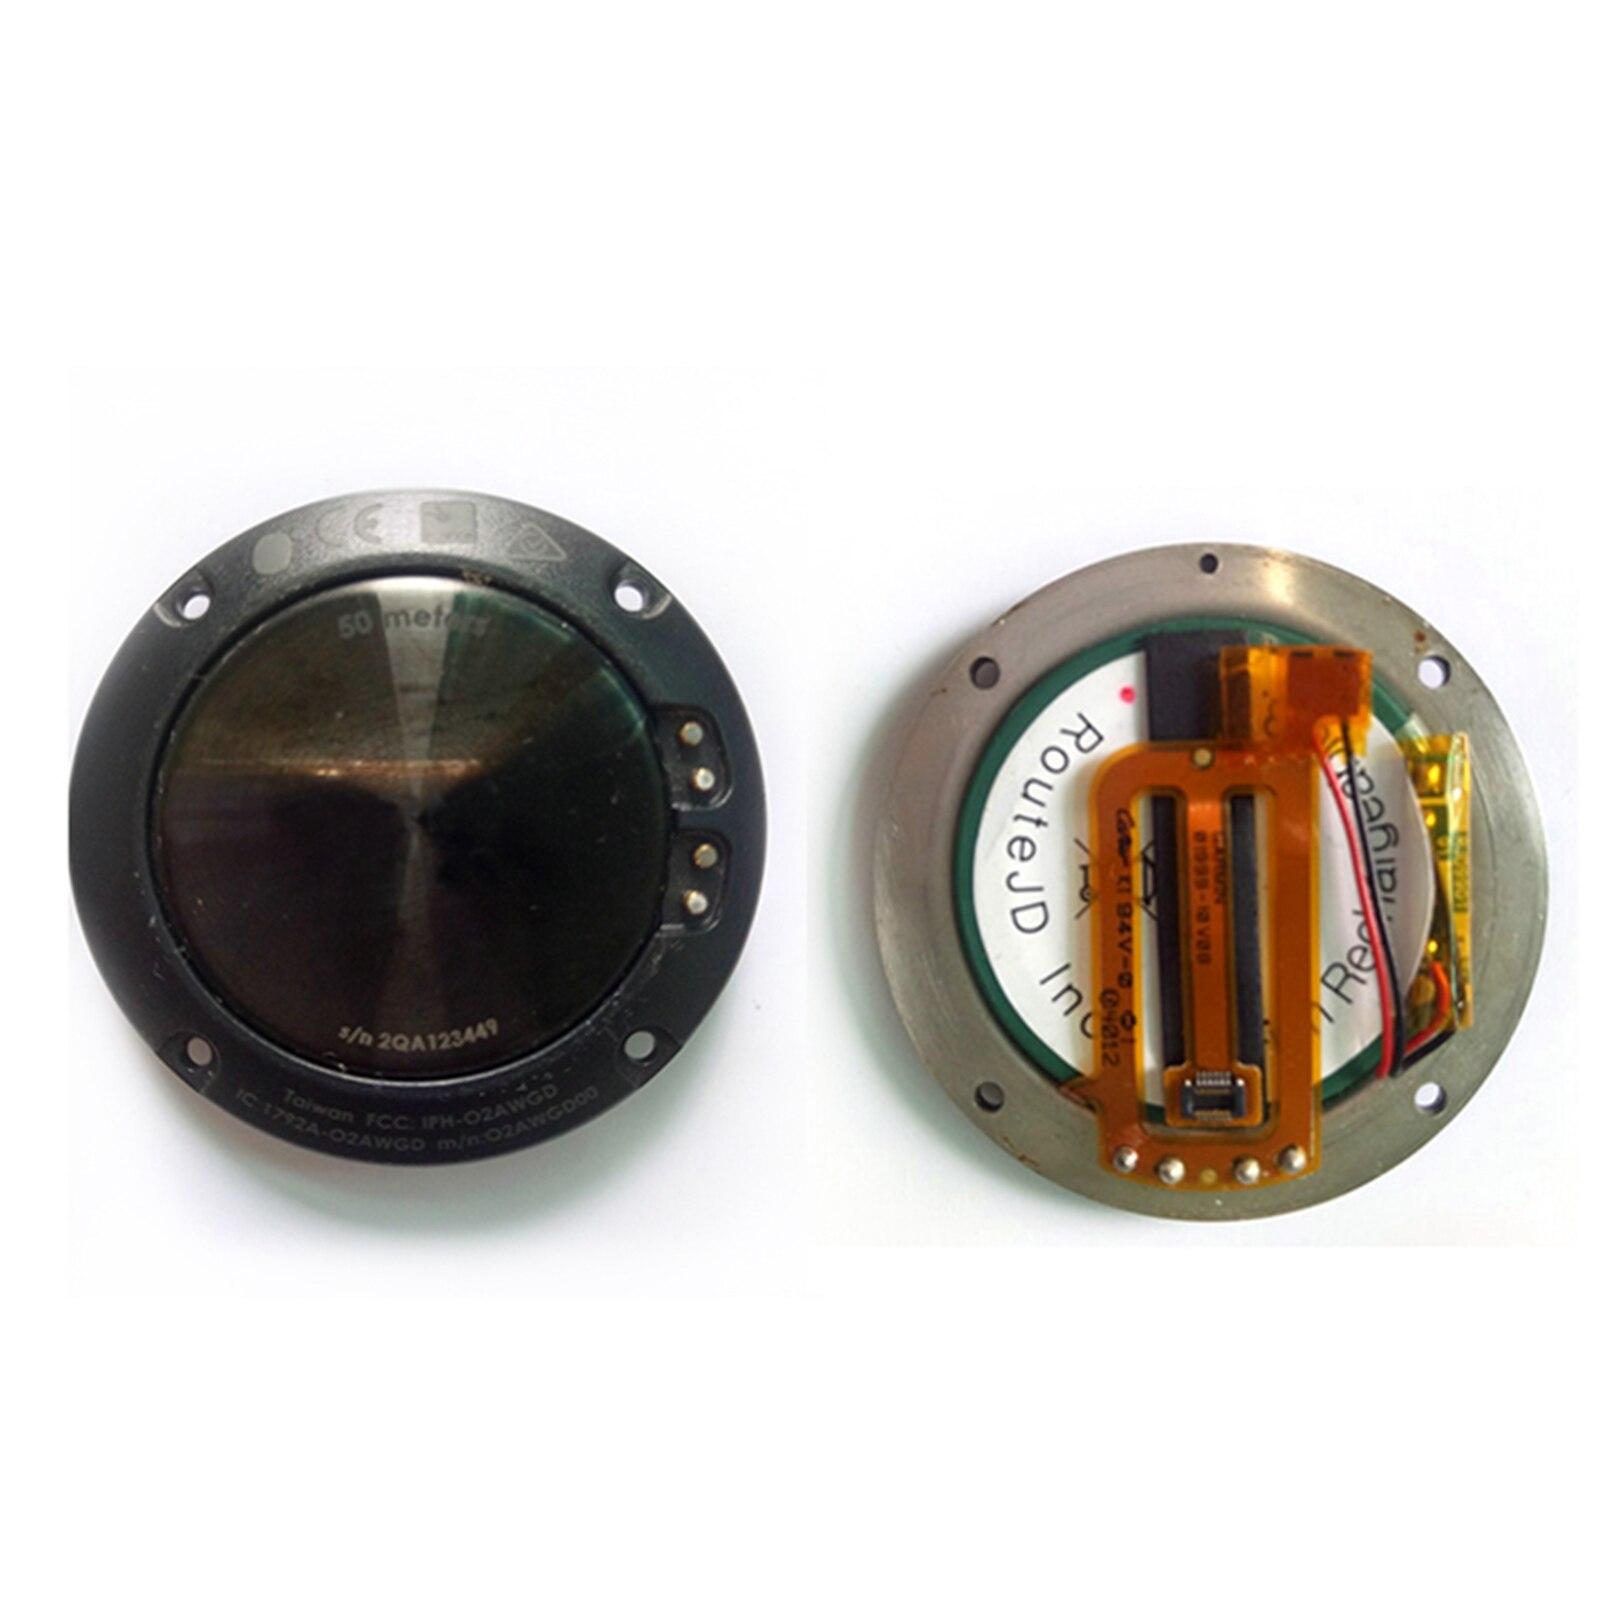 Original 3.7 V botão Parte da Tampa da bateria para Garmin Fenix 2 Execução Relógio GPS Relógio Inteligente Acessórios botão da Tampa da bateria caso